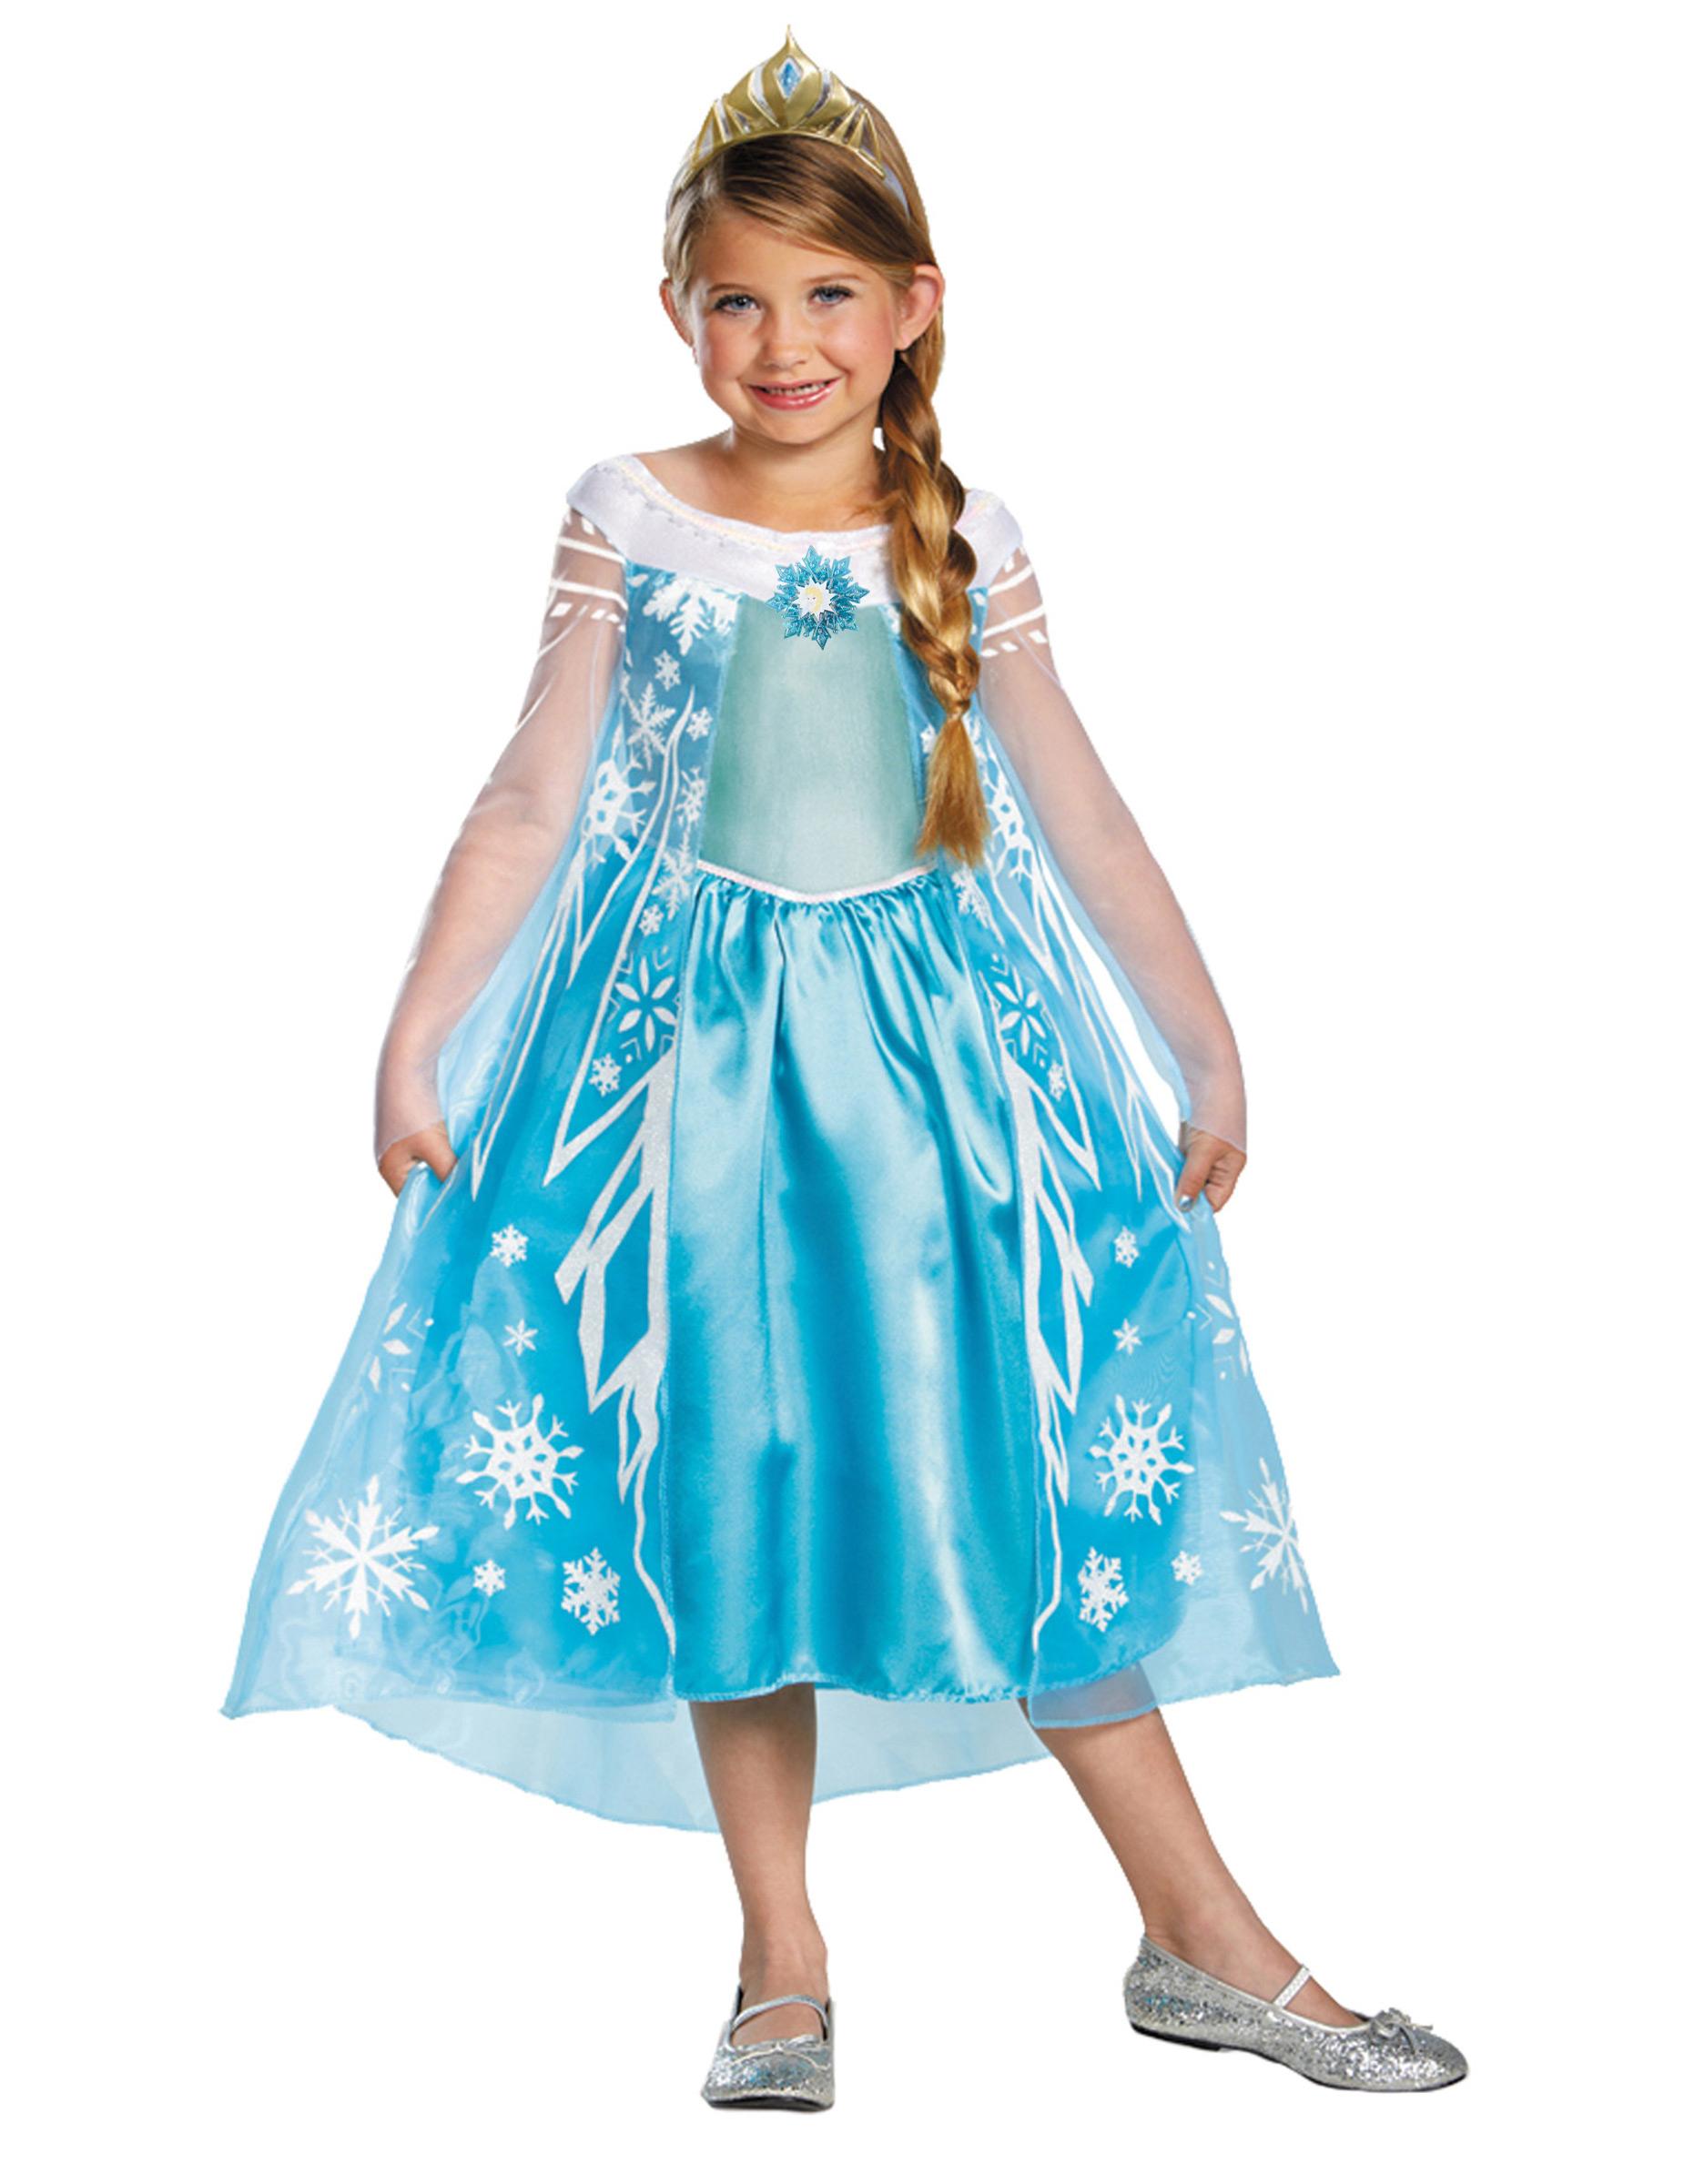 Marchen Prinzessin Lizenzartikel Die Eiskonigin Elsa Kostum Fur